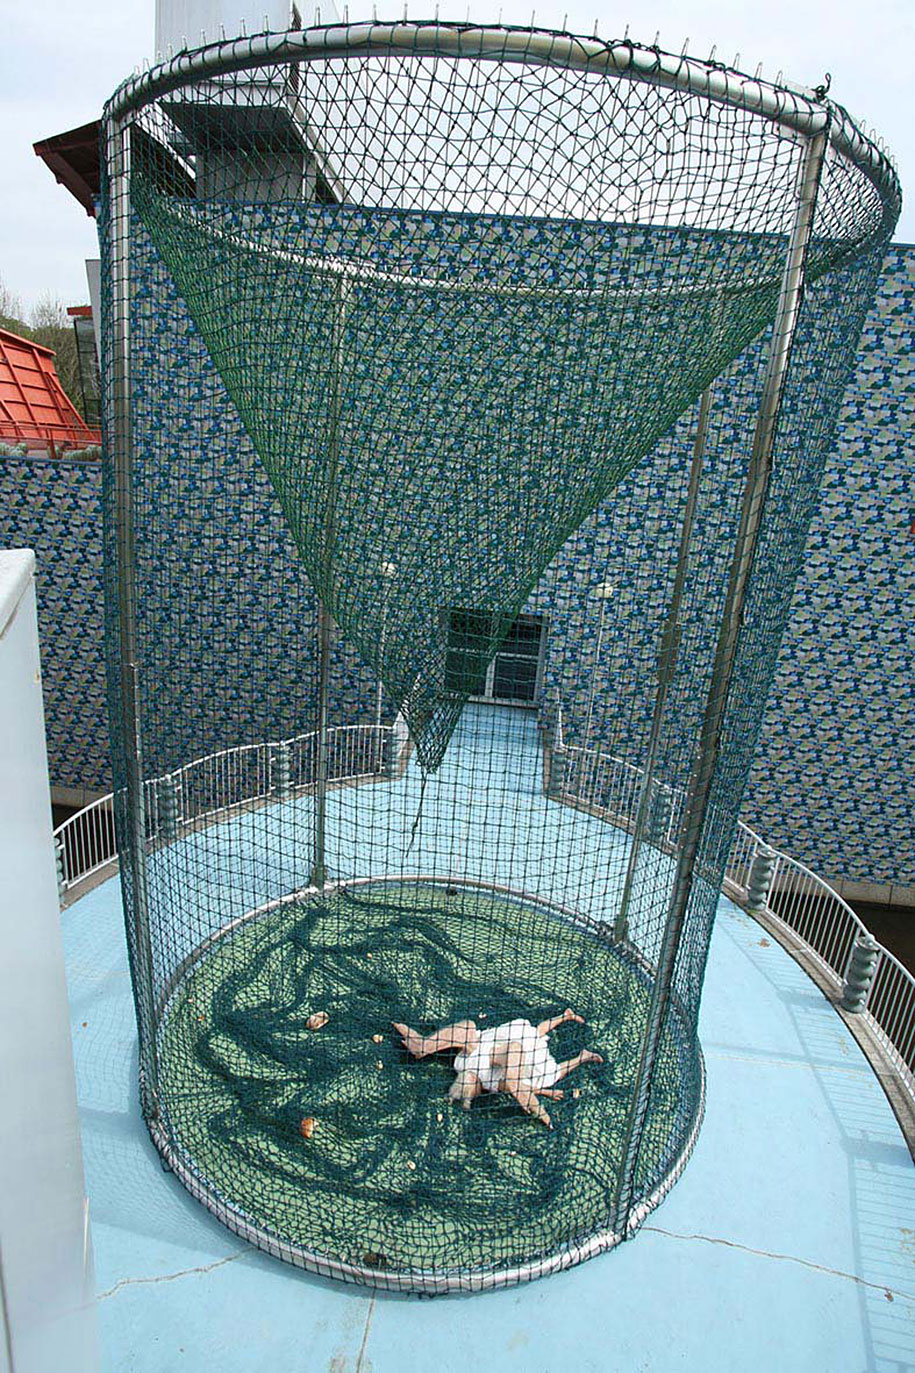 hyper-realistic-lifelike-sculpture-angel-sun-yuan-peng-yu-china-999